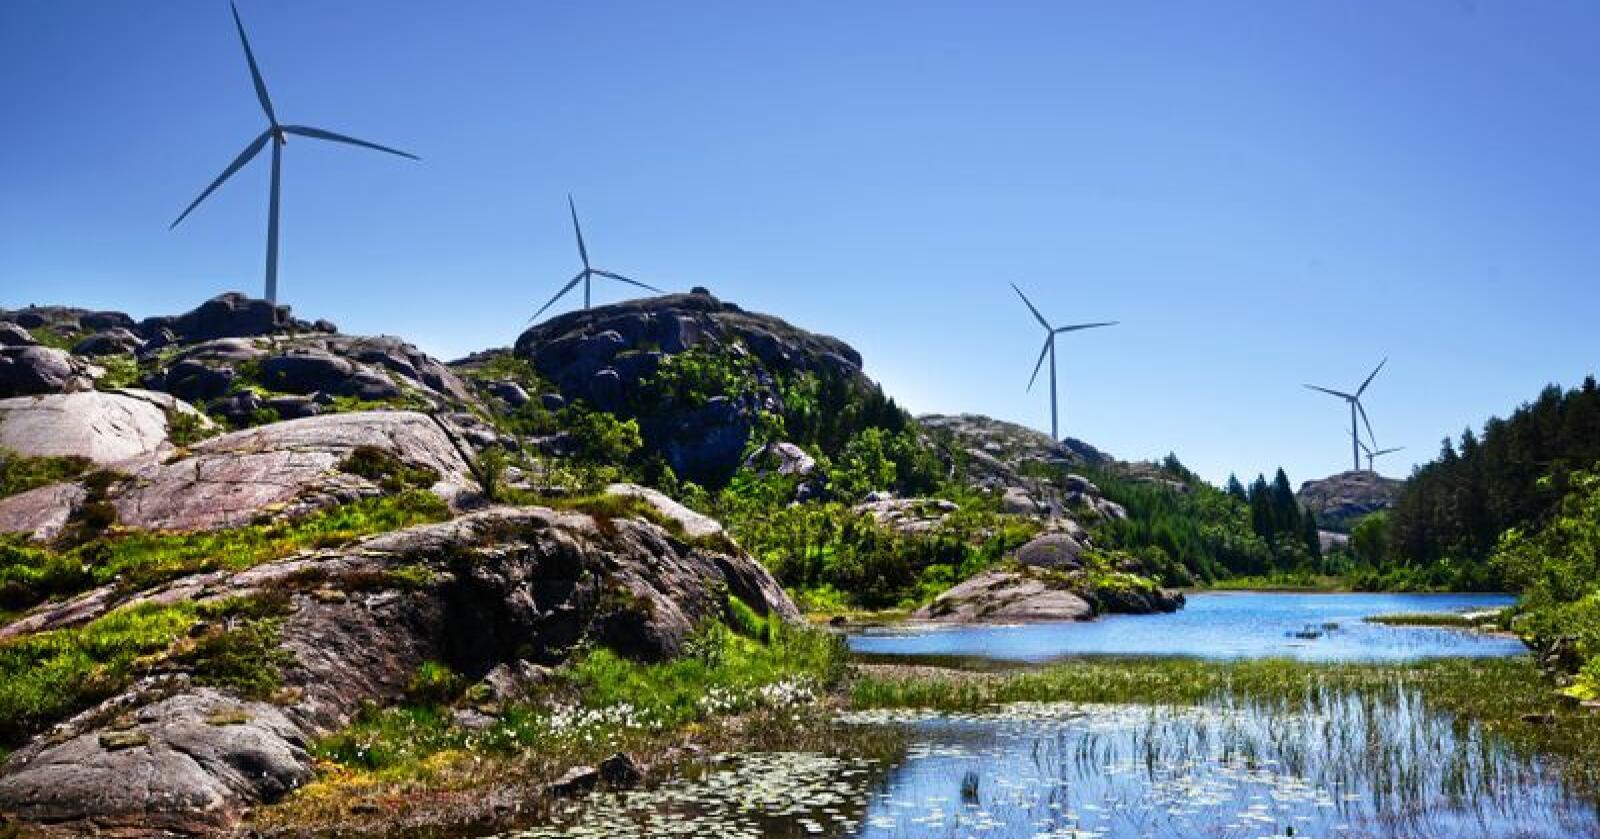 Vindkraft: Byggjing av vindmøller har førd til debatt mange stader. Vind vil vere ei viktig energikjelde i framtida. Då må lokal aksept ligge til grunn, skriv Tore Storehaug. Foto: Siri Juell Rasmussen